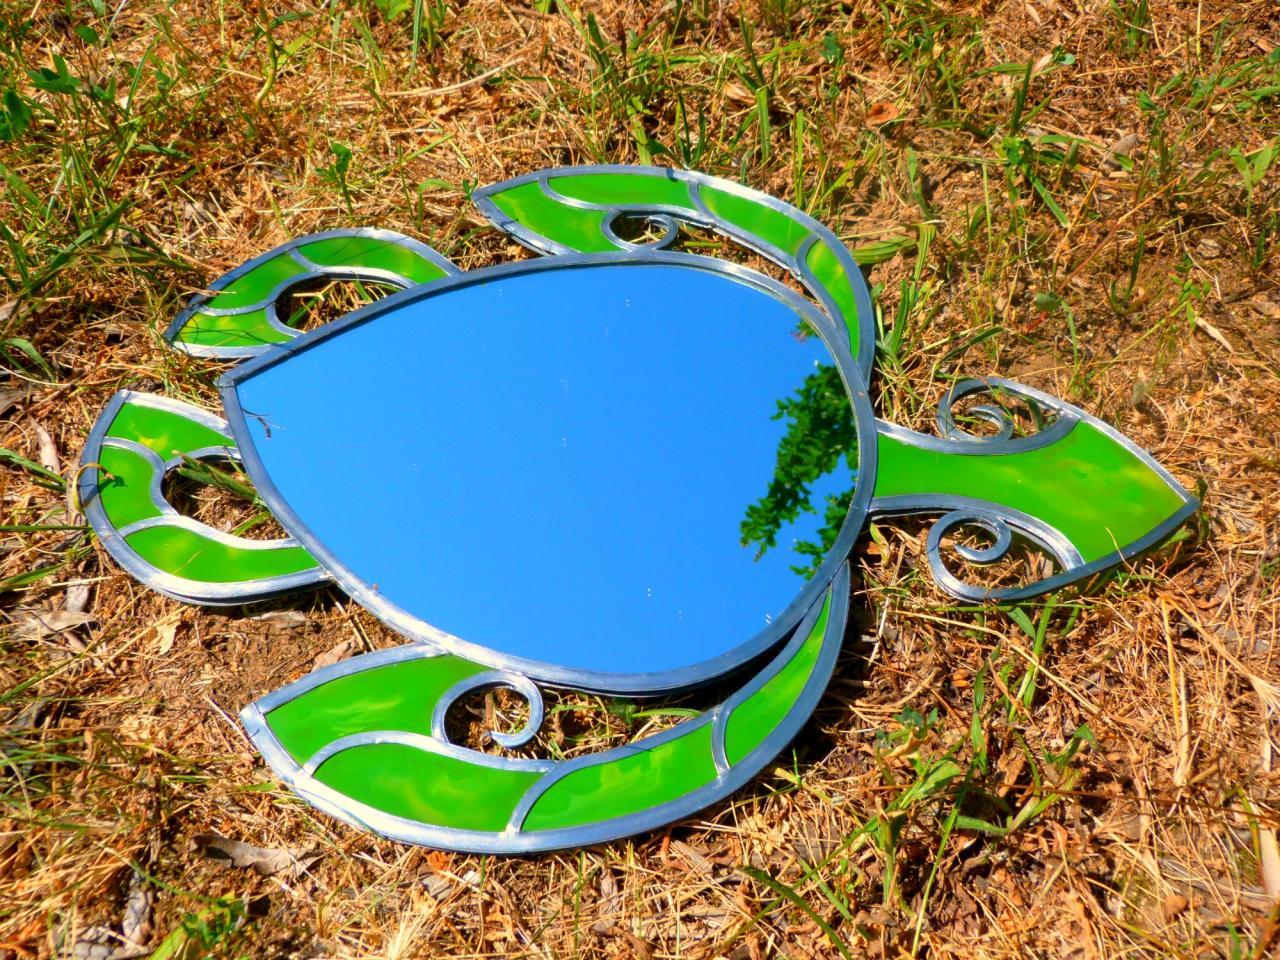 tortue-miroir-vert2.jpg